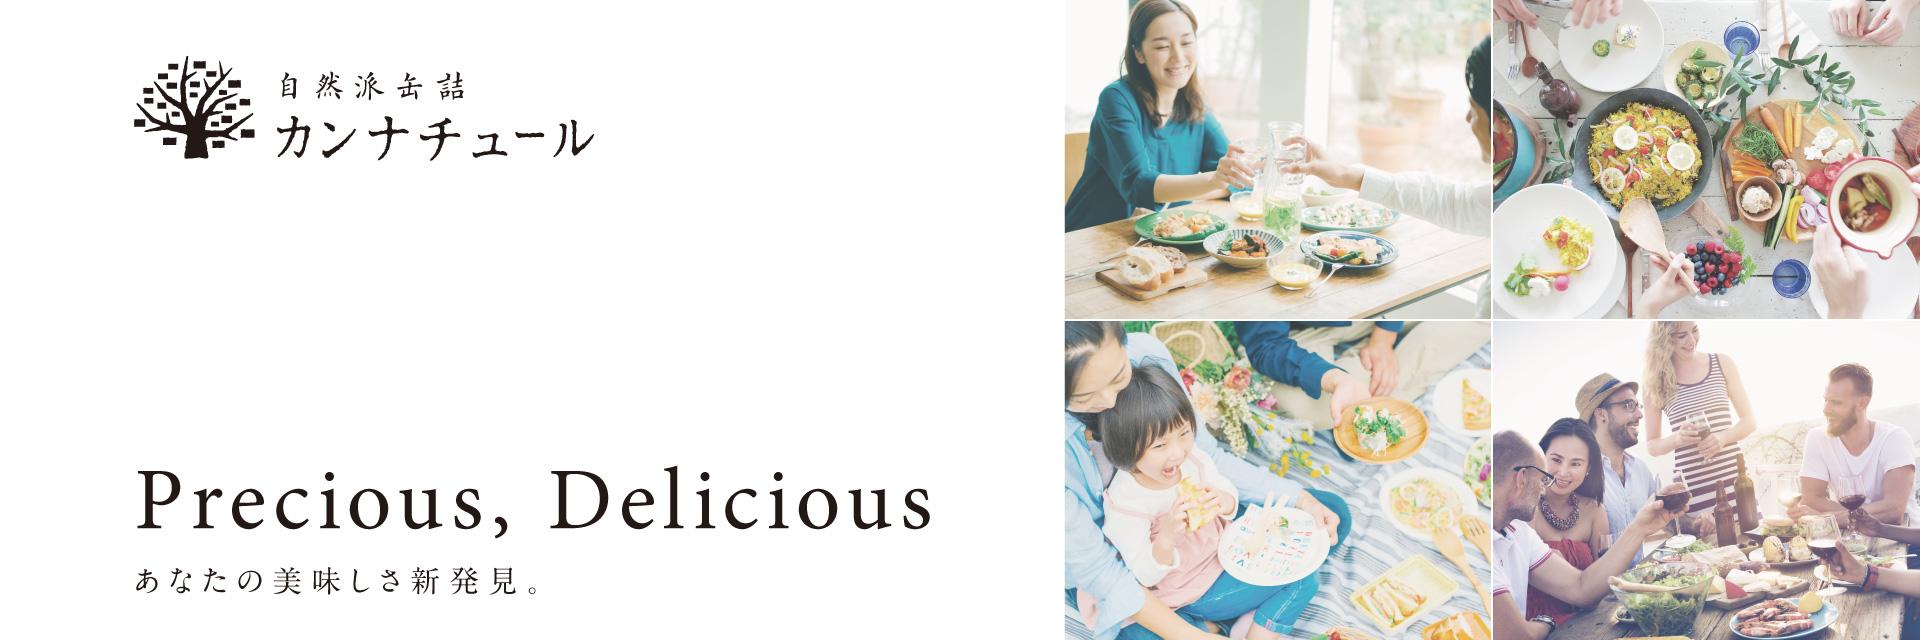 日本食革命を通じて、世界中の人々としあわせに。